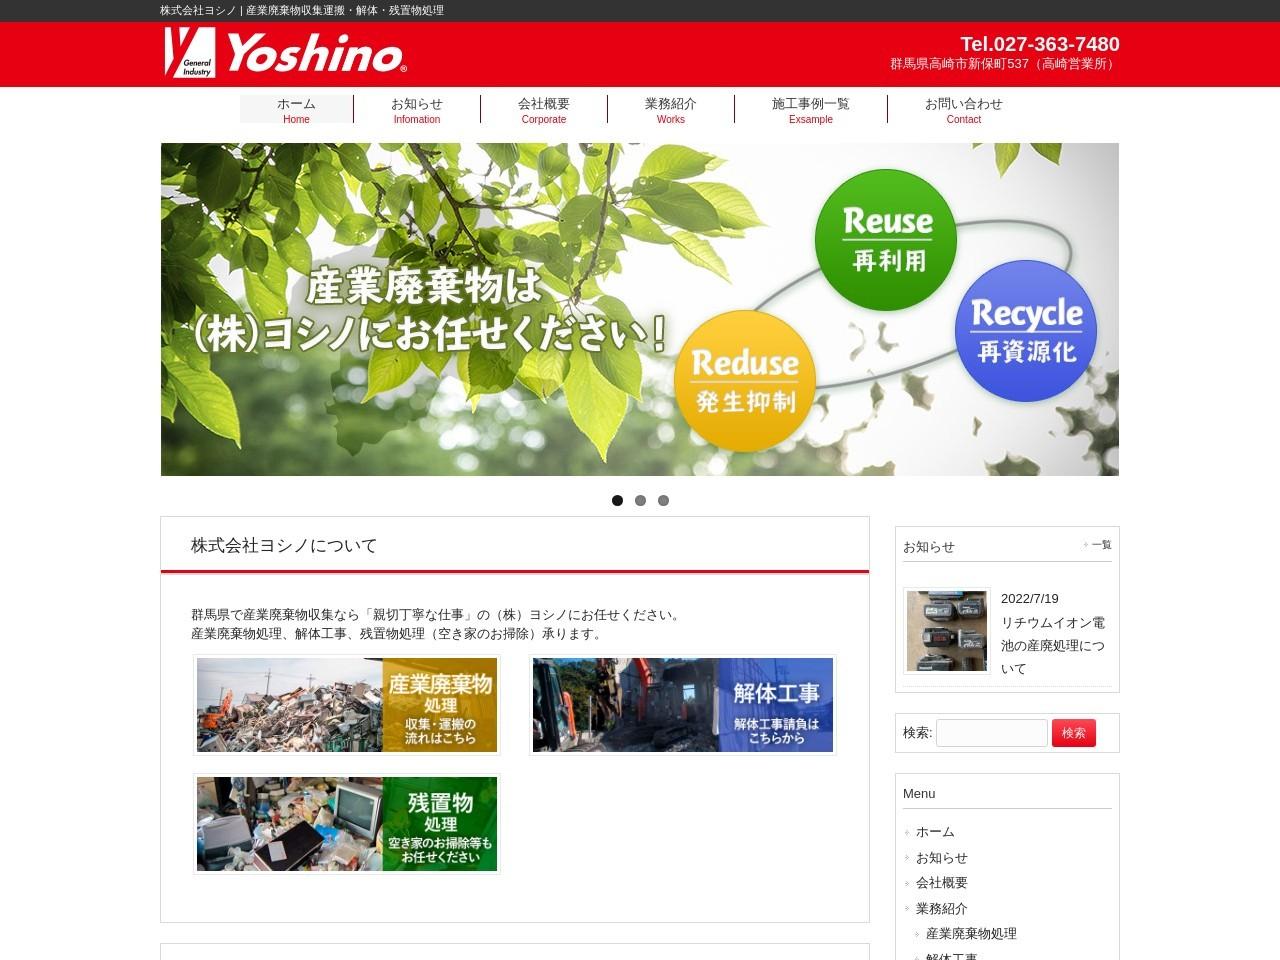 株式会社ヨシノ